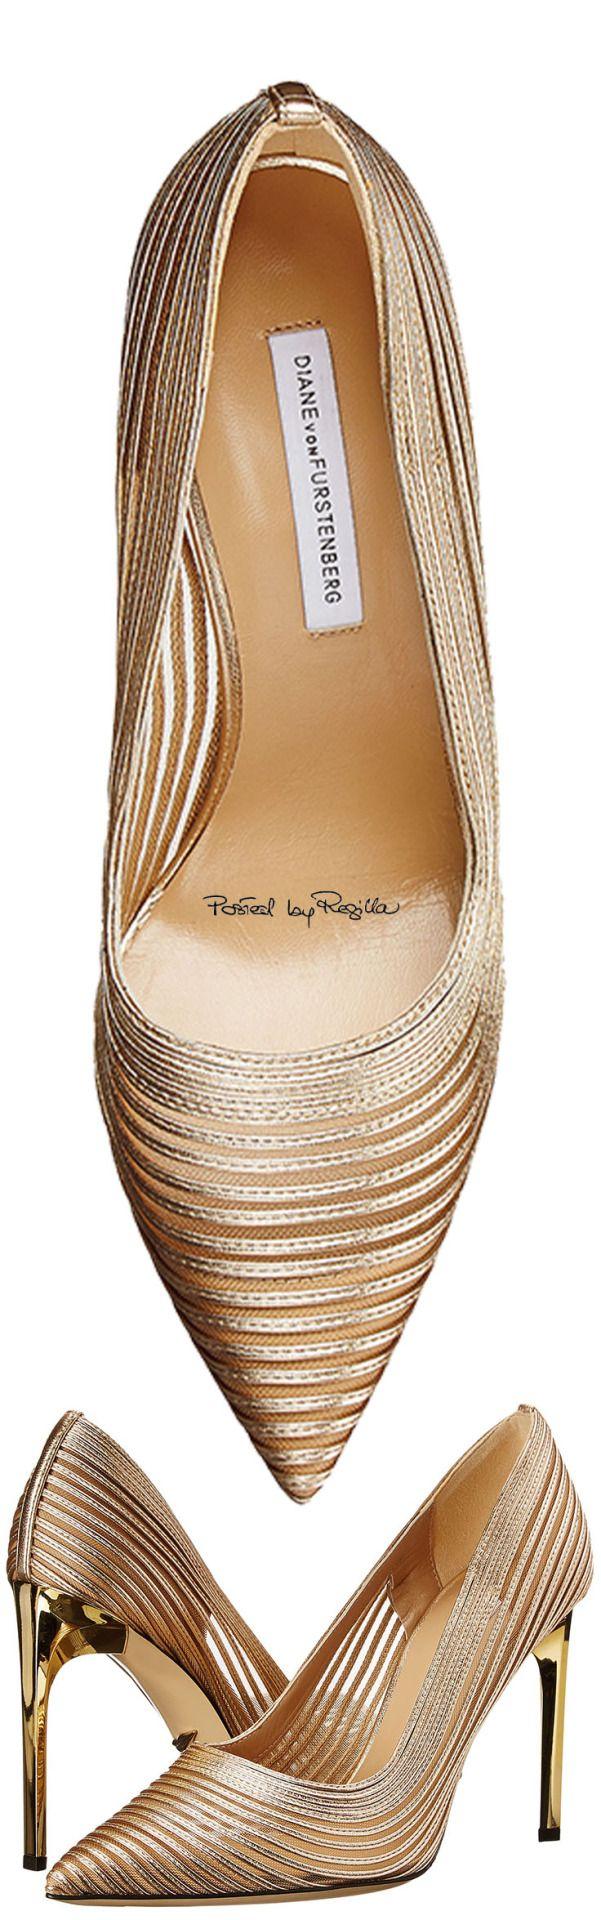 A favorite pair of designer/socialite Diane vonFurstenberg's heels | Regilla ⚜ Una Fiorentina in California